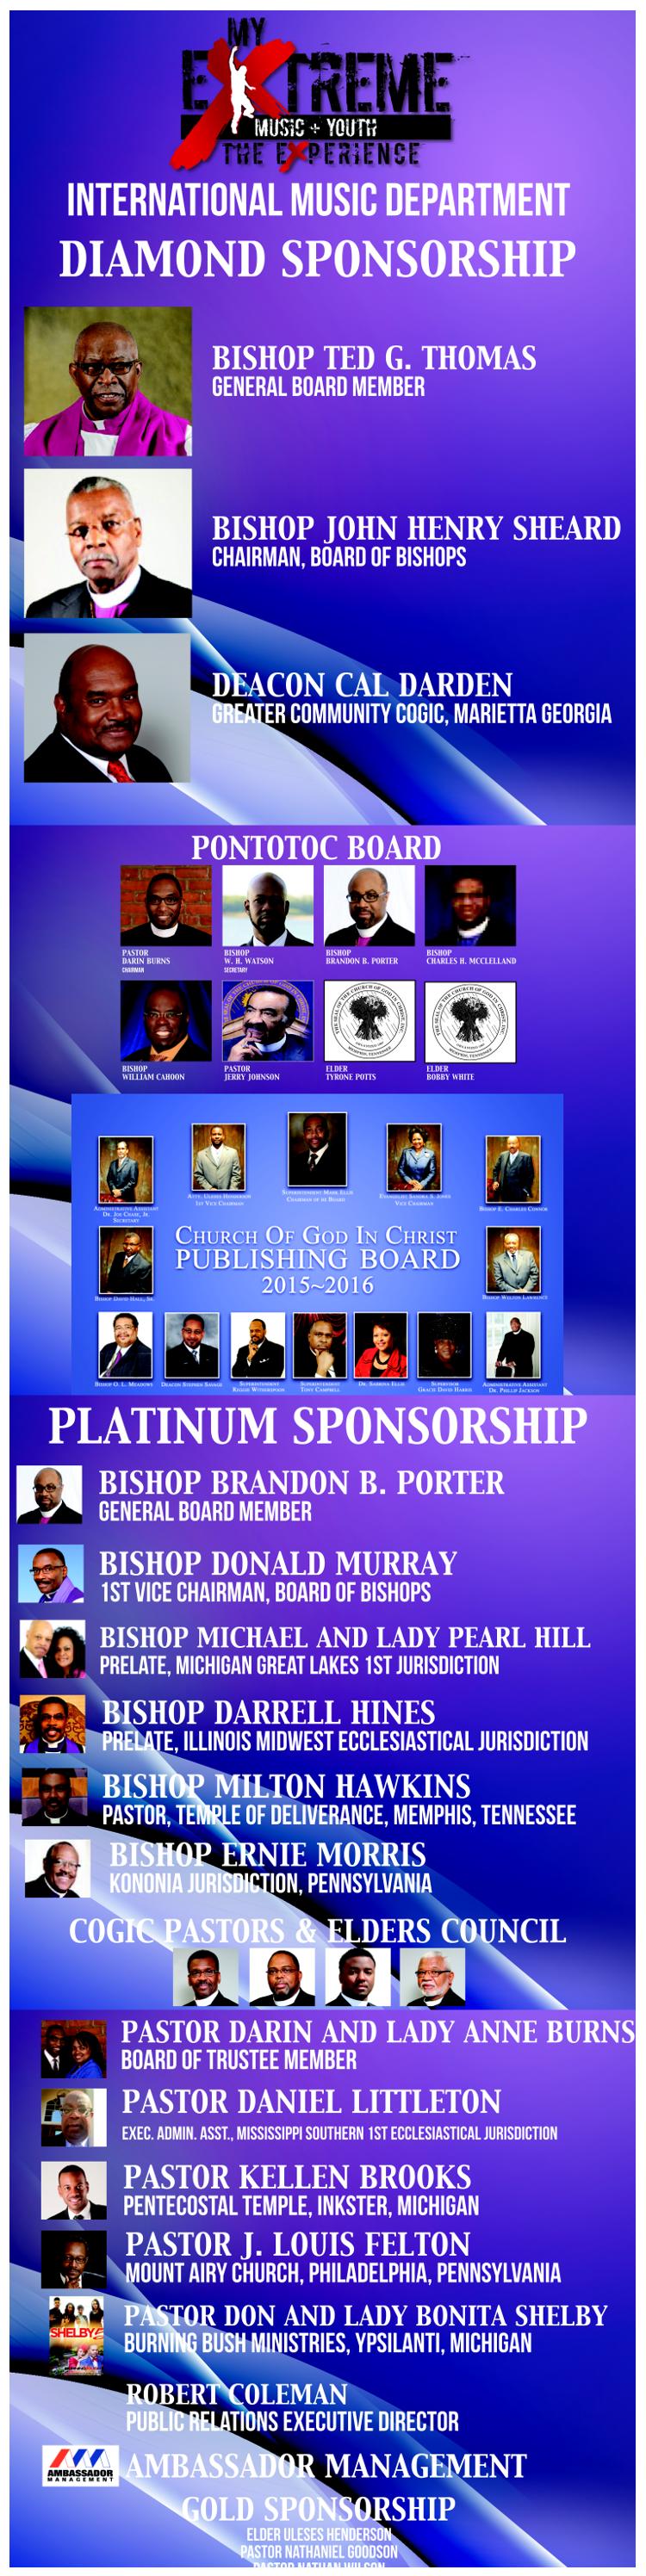 Sponsors for IMD2 – Church Of God In Christ